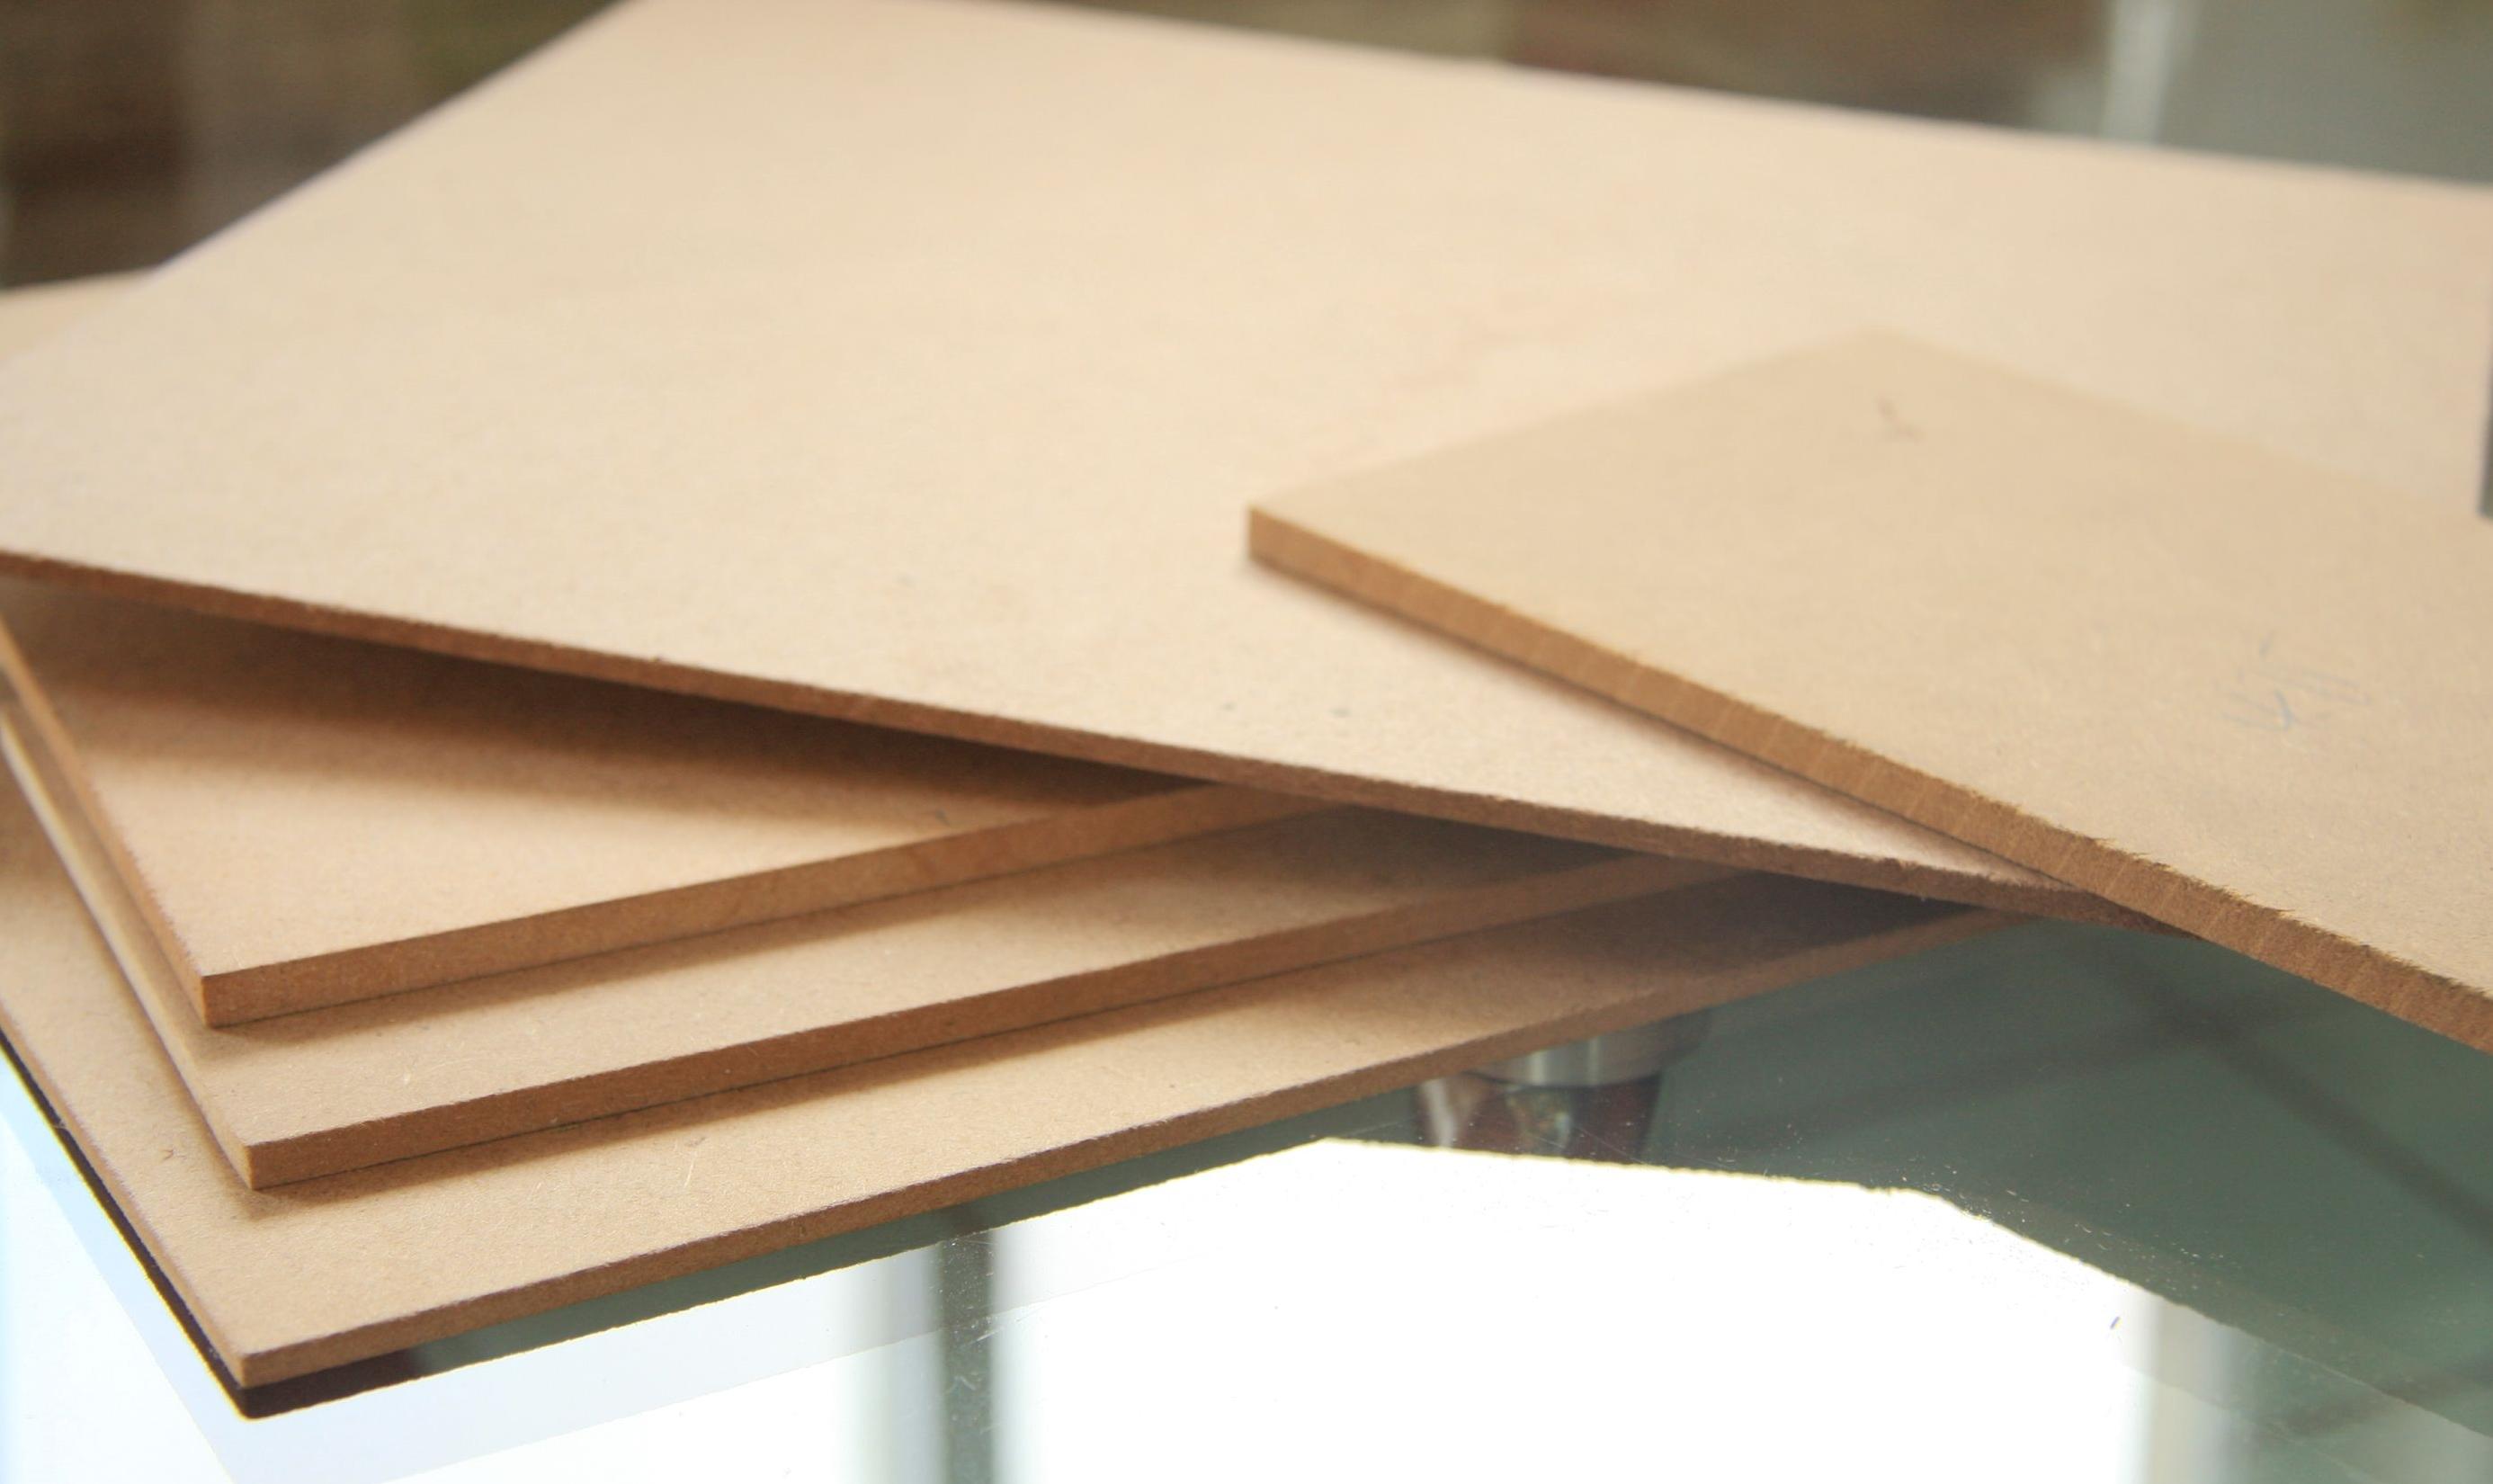 中纤板价格小幅上调 实木地板市场囤货积极